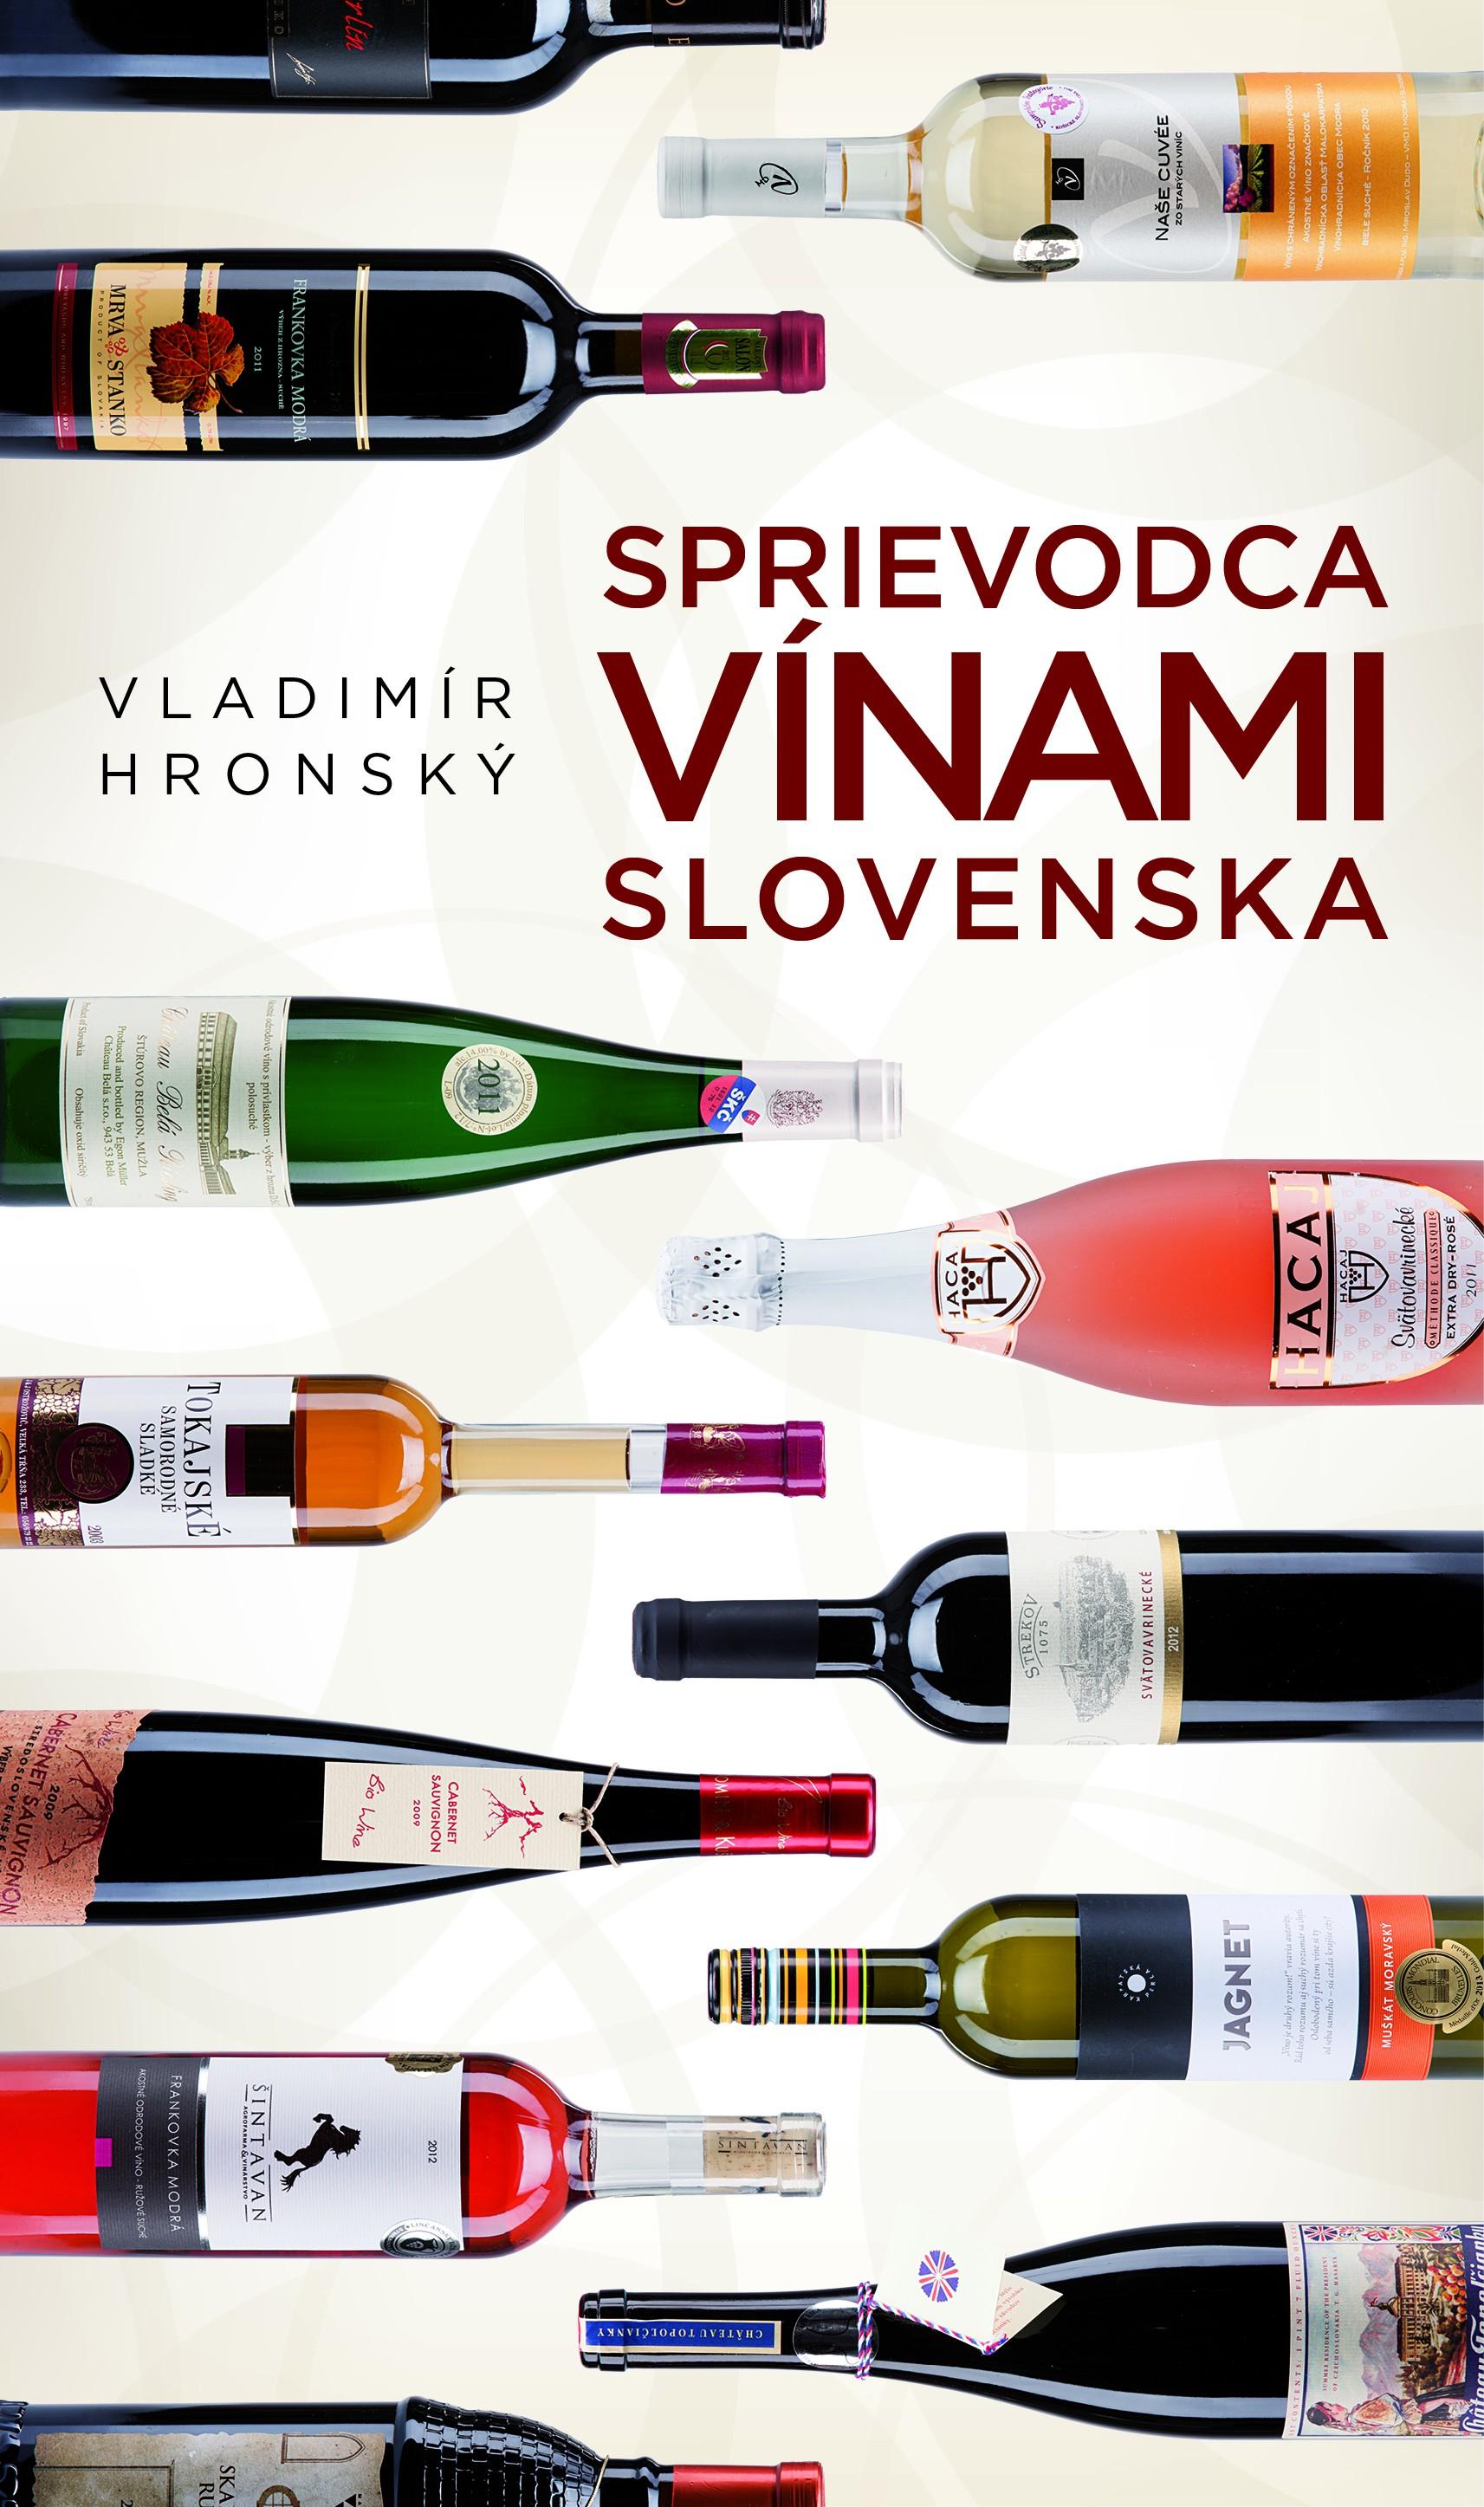 Sprievodca vínami Slovenska (2015)